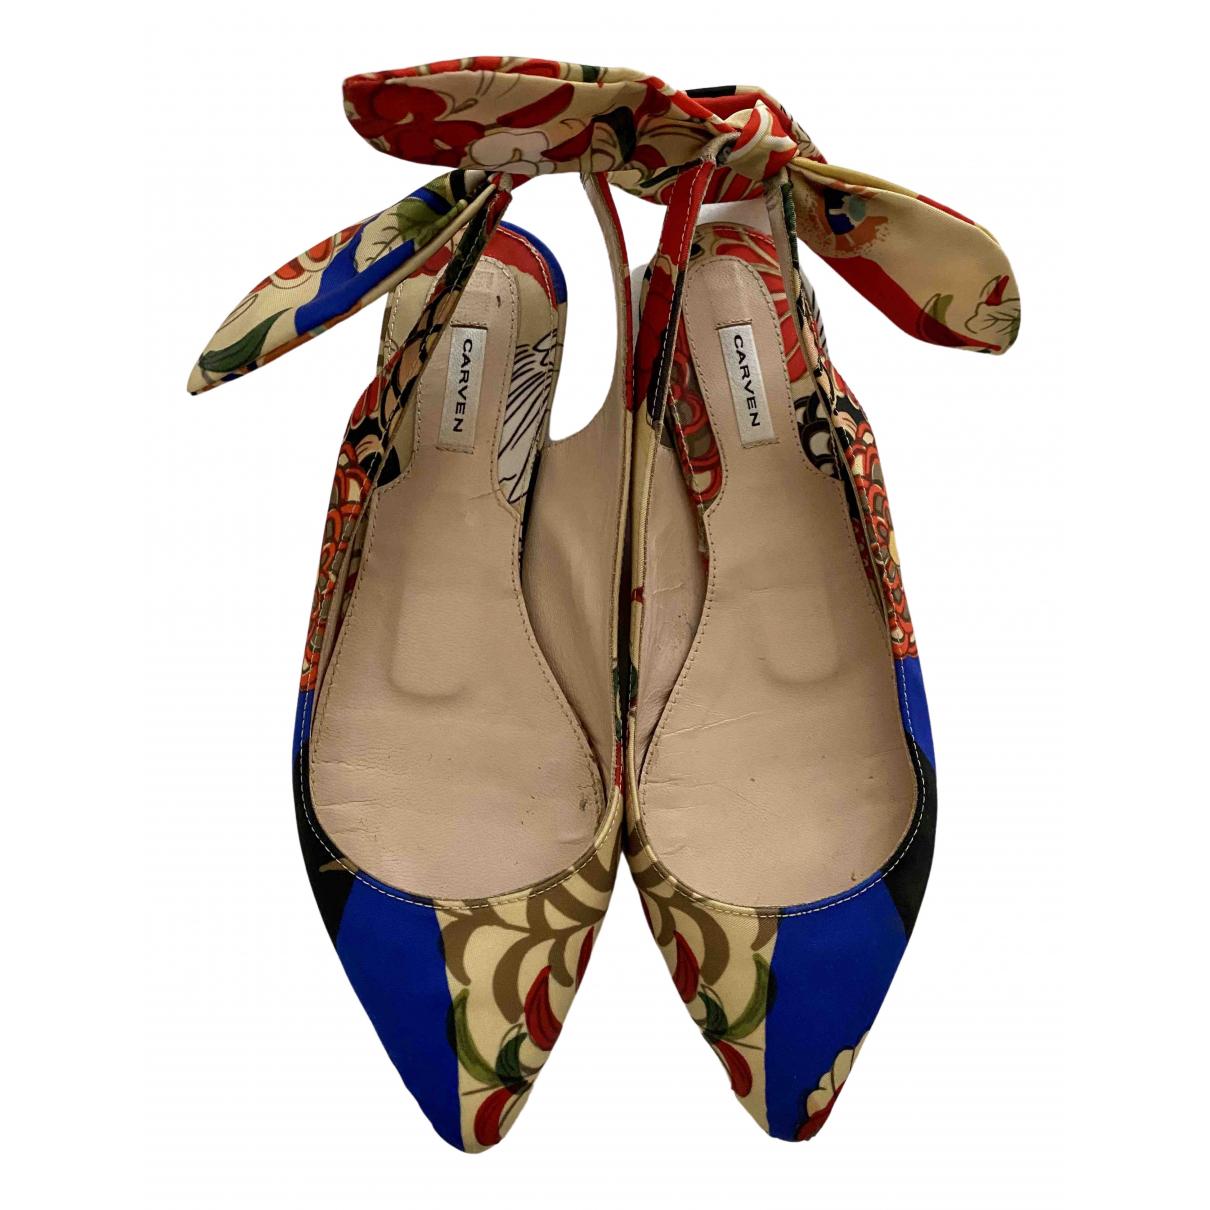 Sandalias de Lona Carven